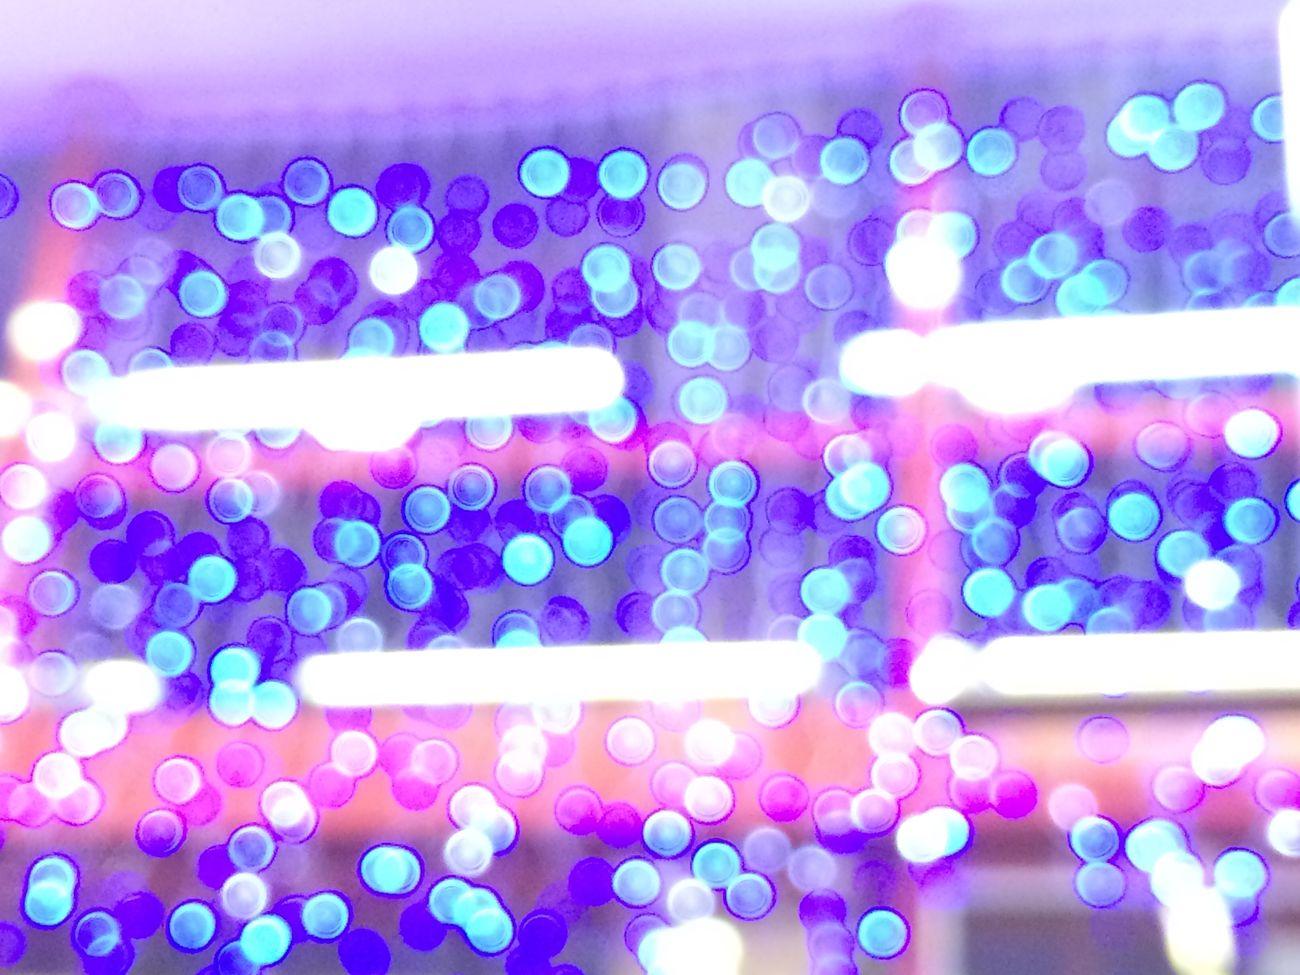 Christmas Christmas Time NNo FilternNofiltercChristmas TreeLLightNNight LightsCChristmas LightsCChristmastree